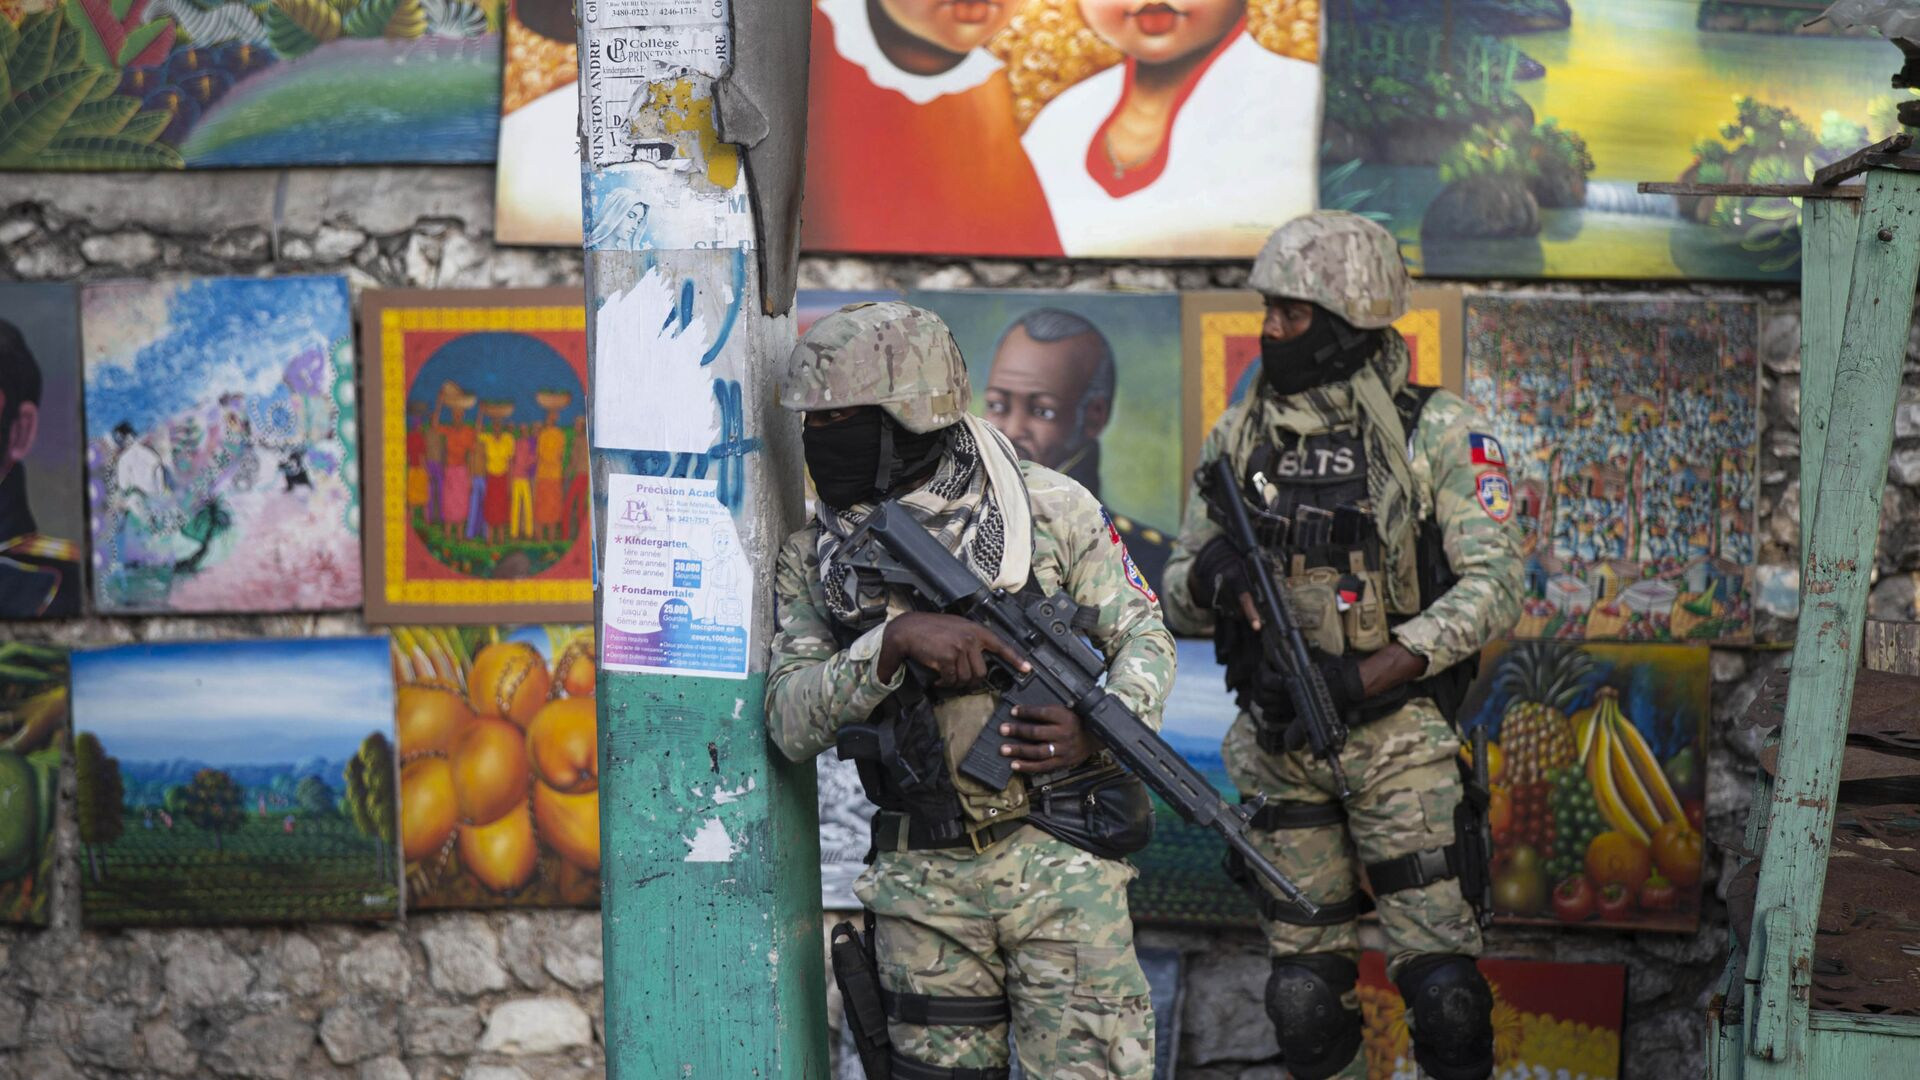 Vojáci hlídkují v ulici, kde žil zesnulý prezident Haiti Jovenel Moïse - Sputnik Česká republika, 1920, 10.07.2021